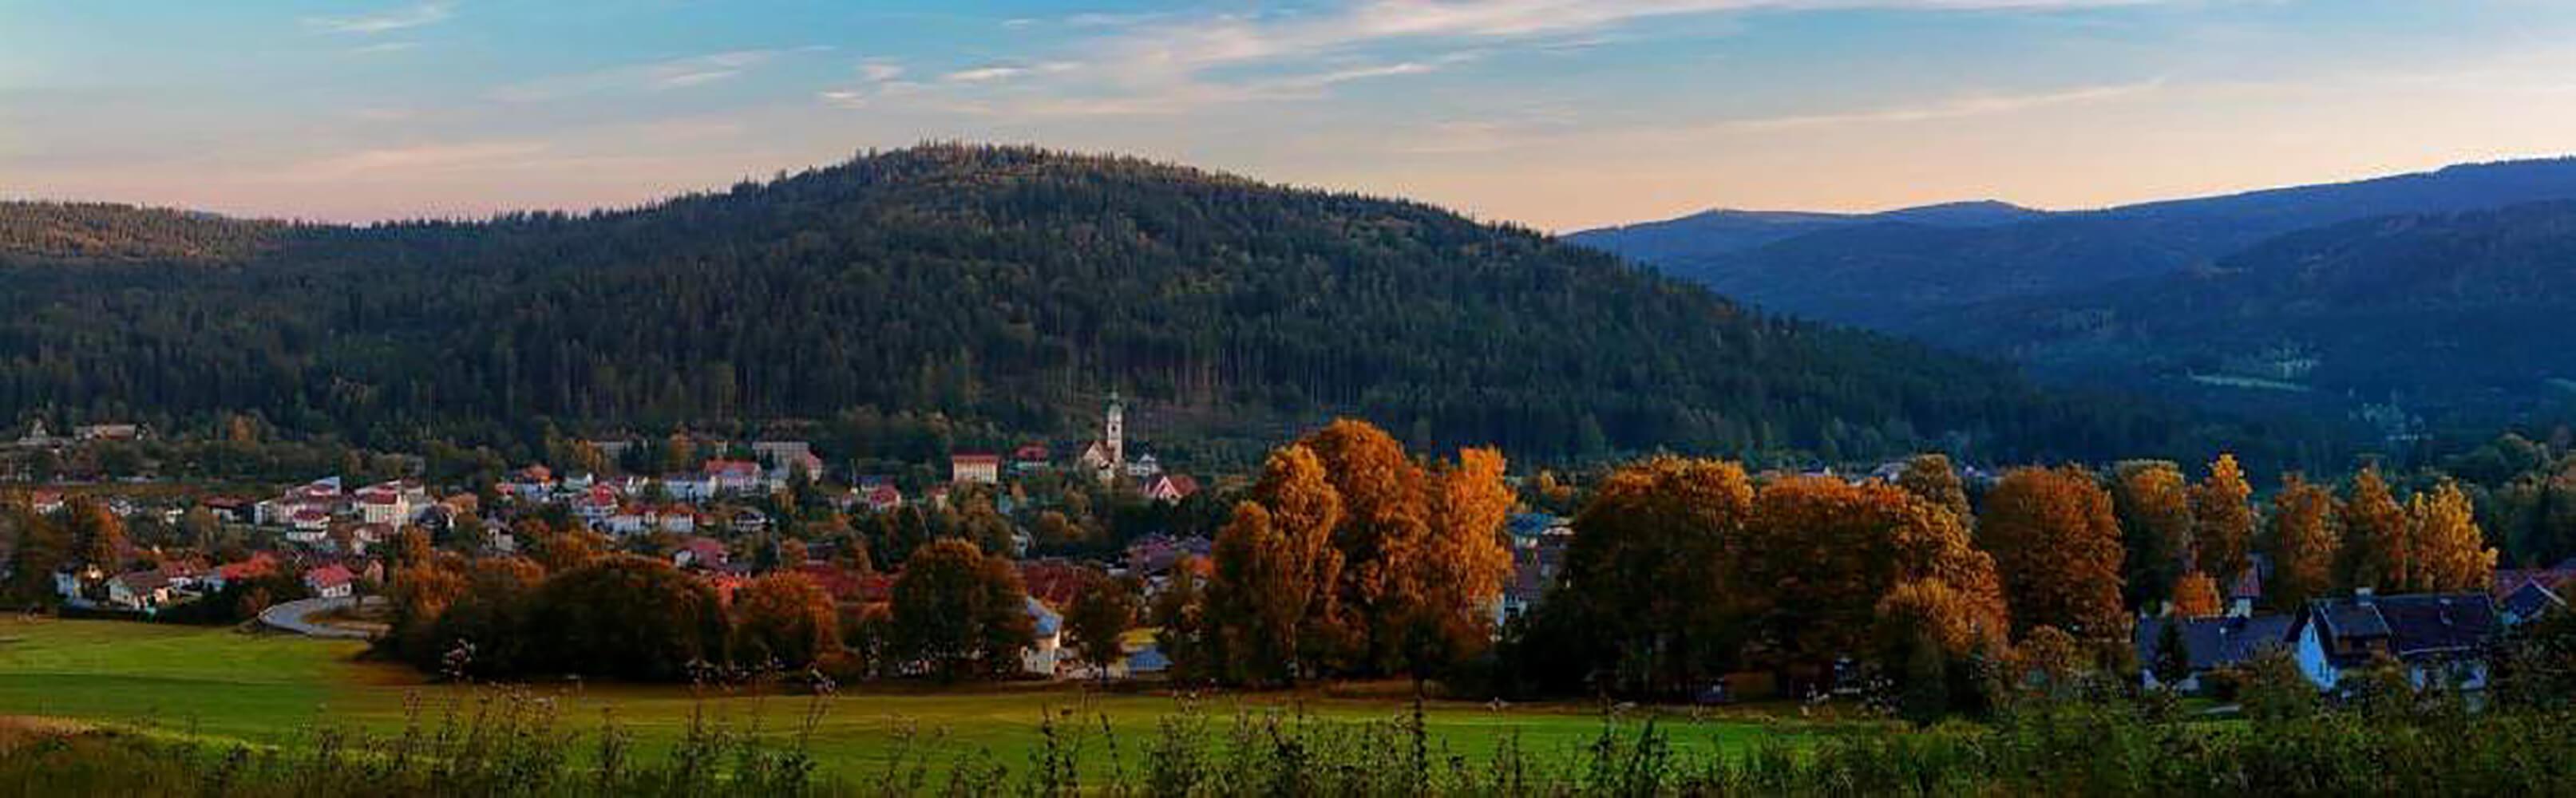 Bayerisch Eisenstein - Bayerischer Wald 1